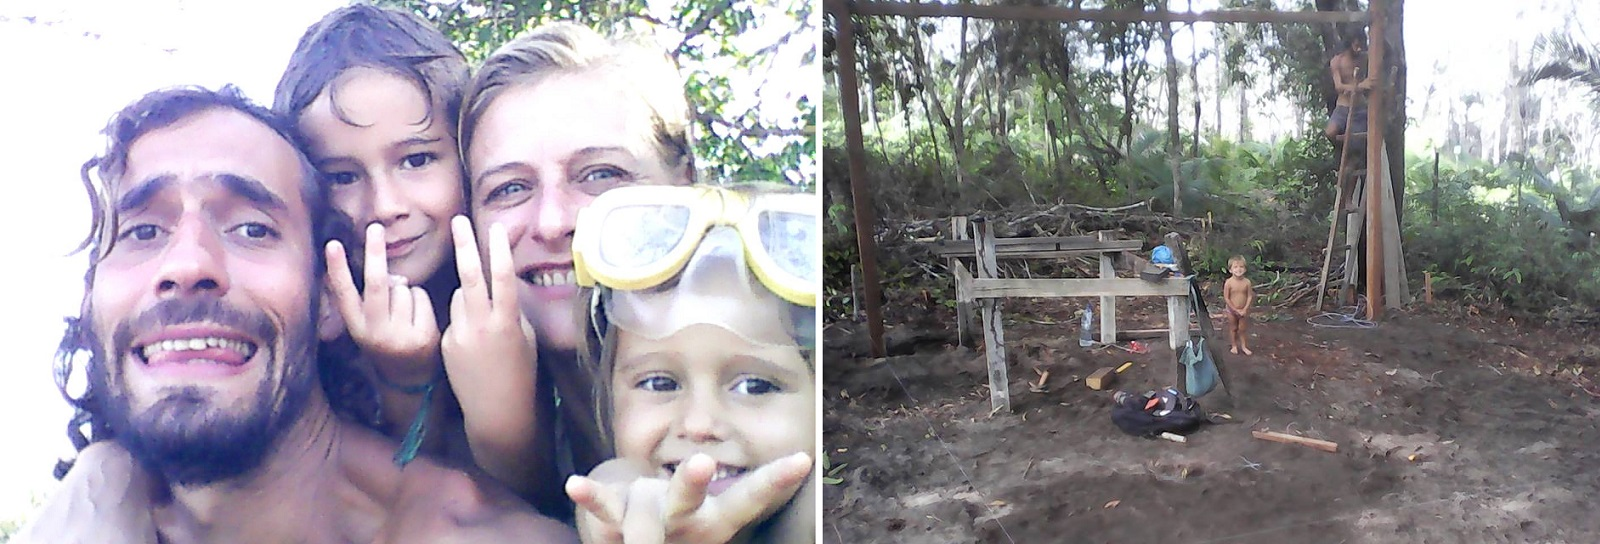 Casal brasileiro abandona cidade para viver com os filhos na floresta